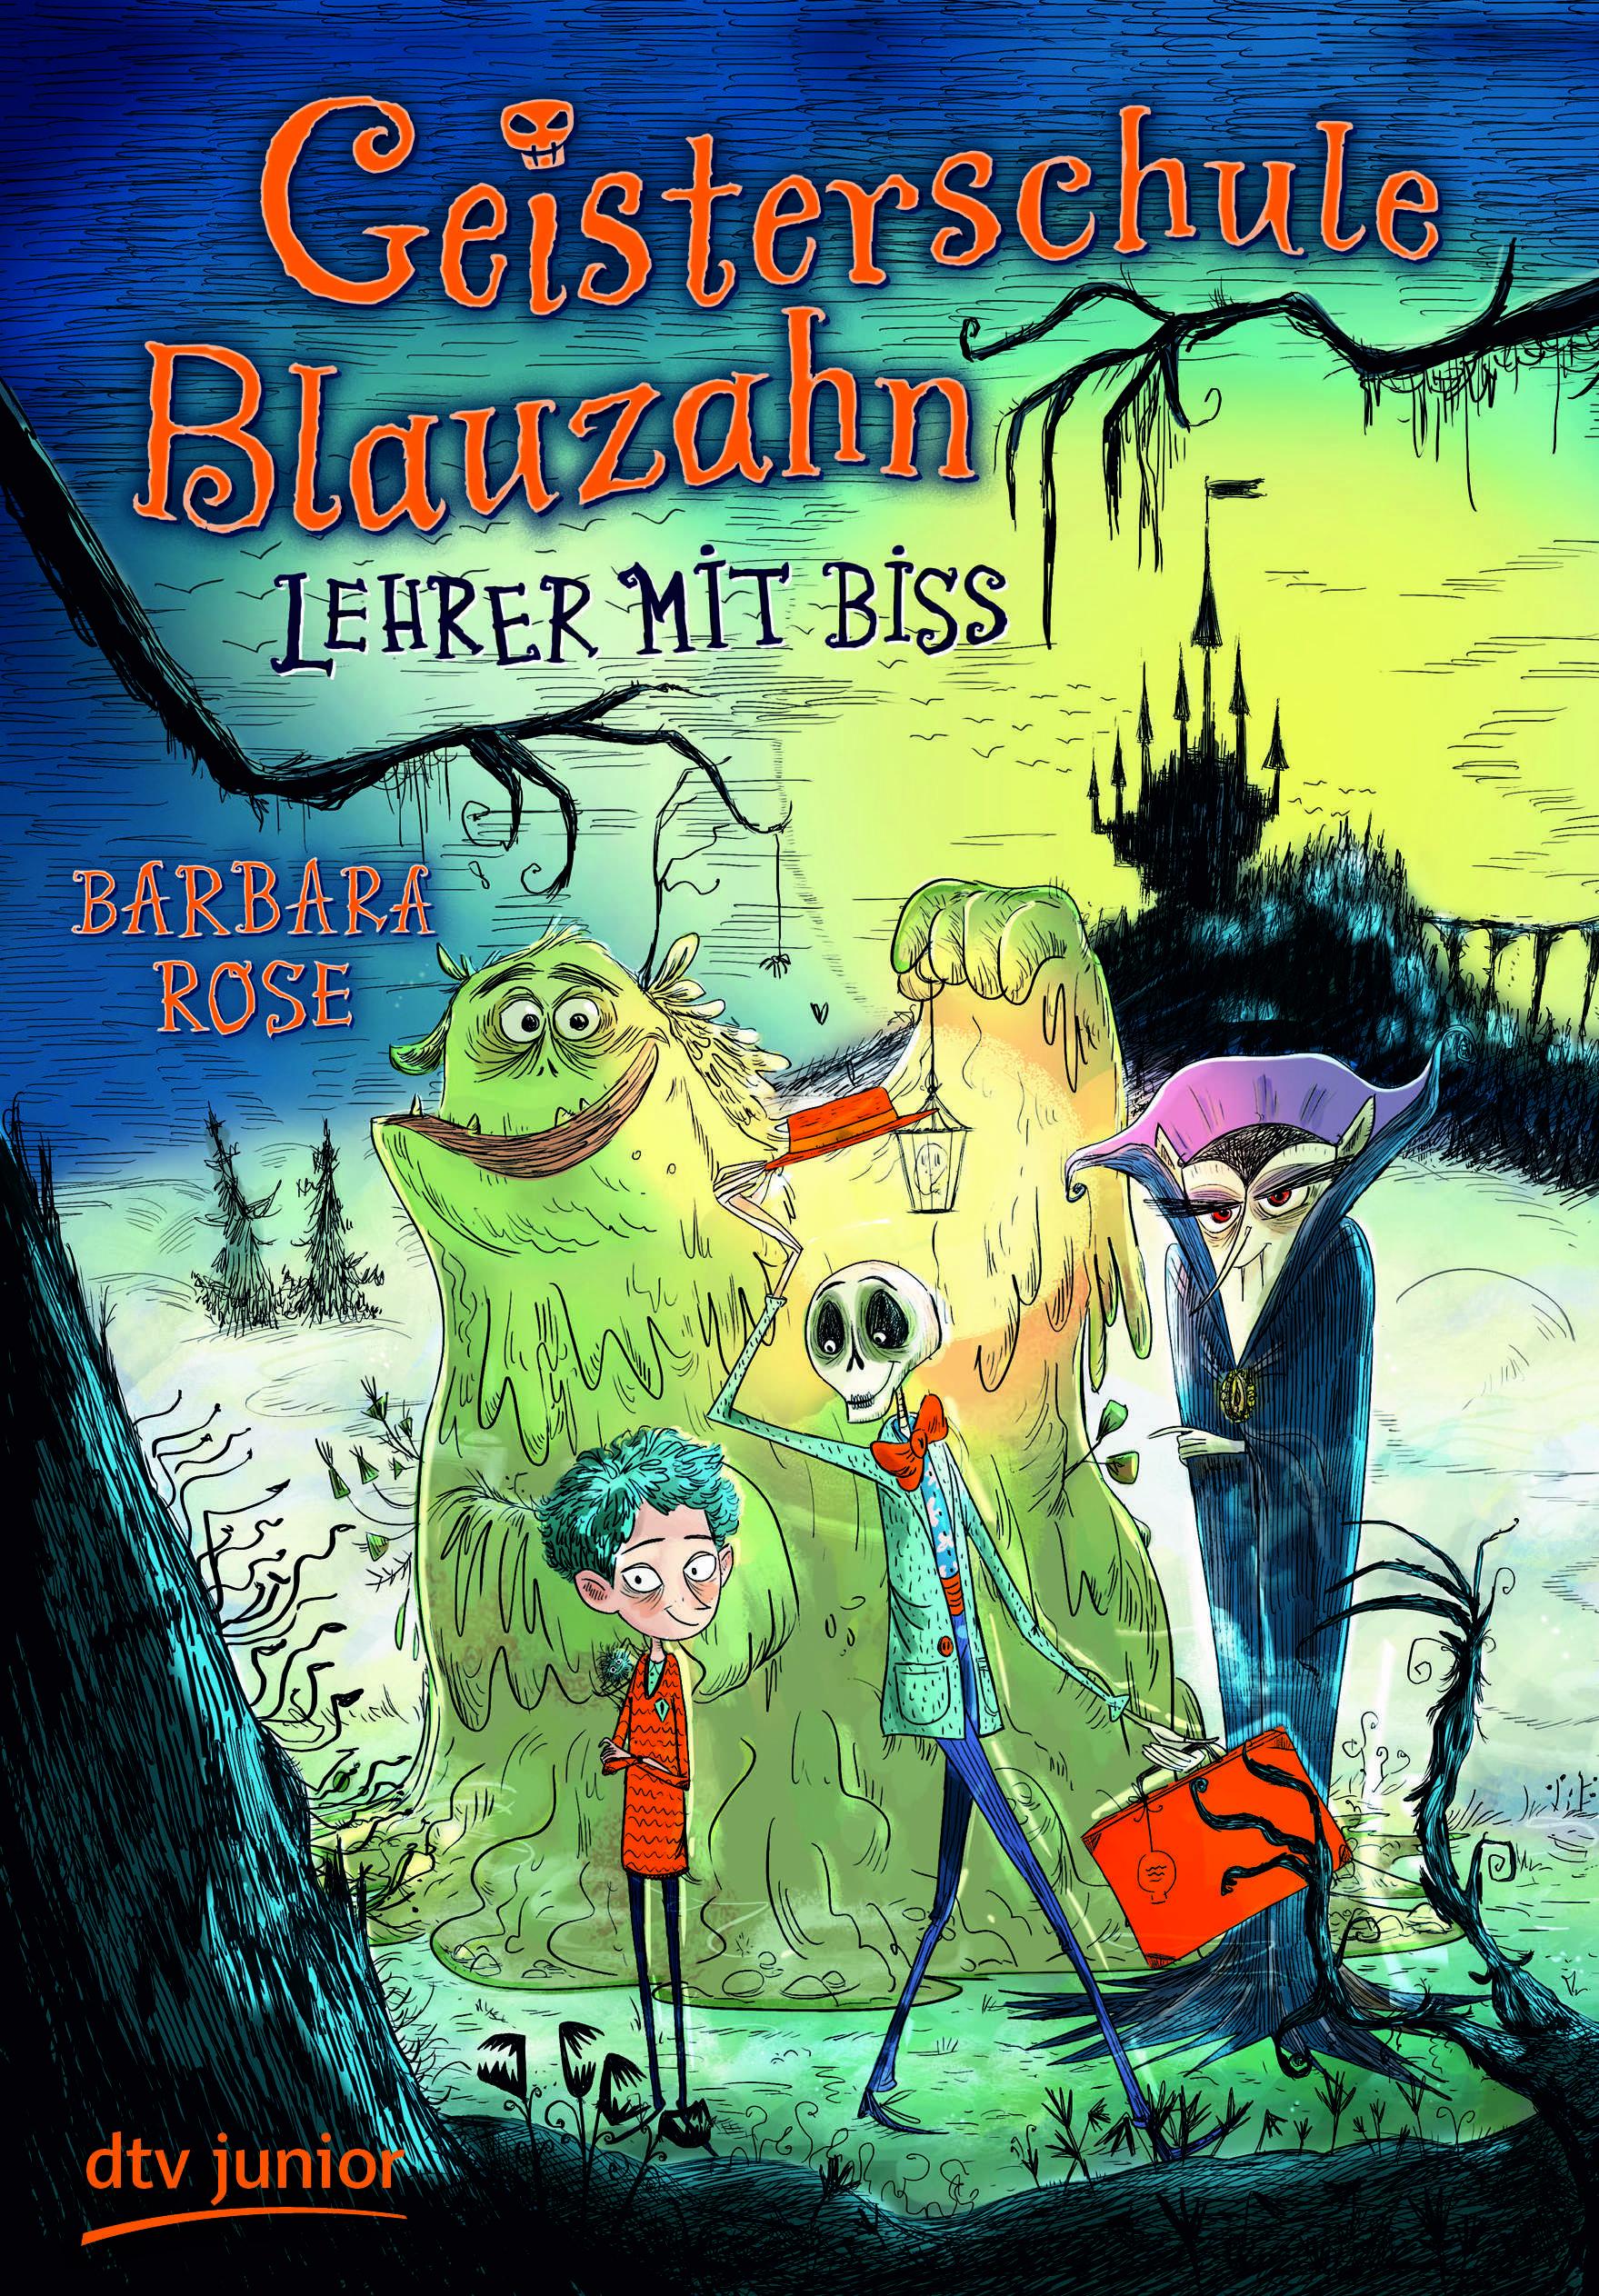 Geisterschule Blauzahn – Lehrer mit Biss (Rezension, #64)